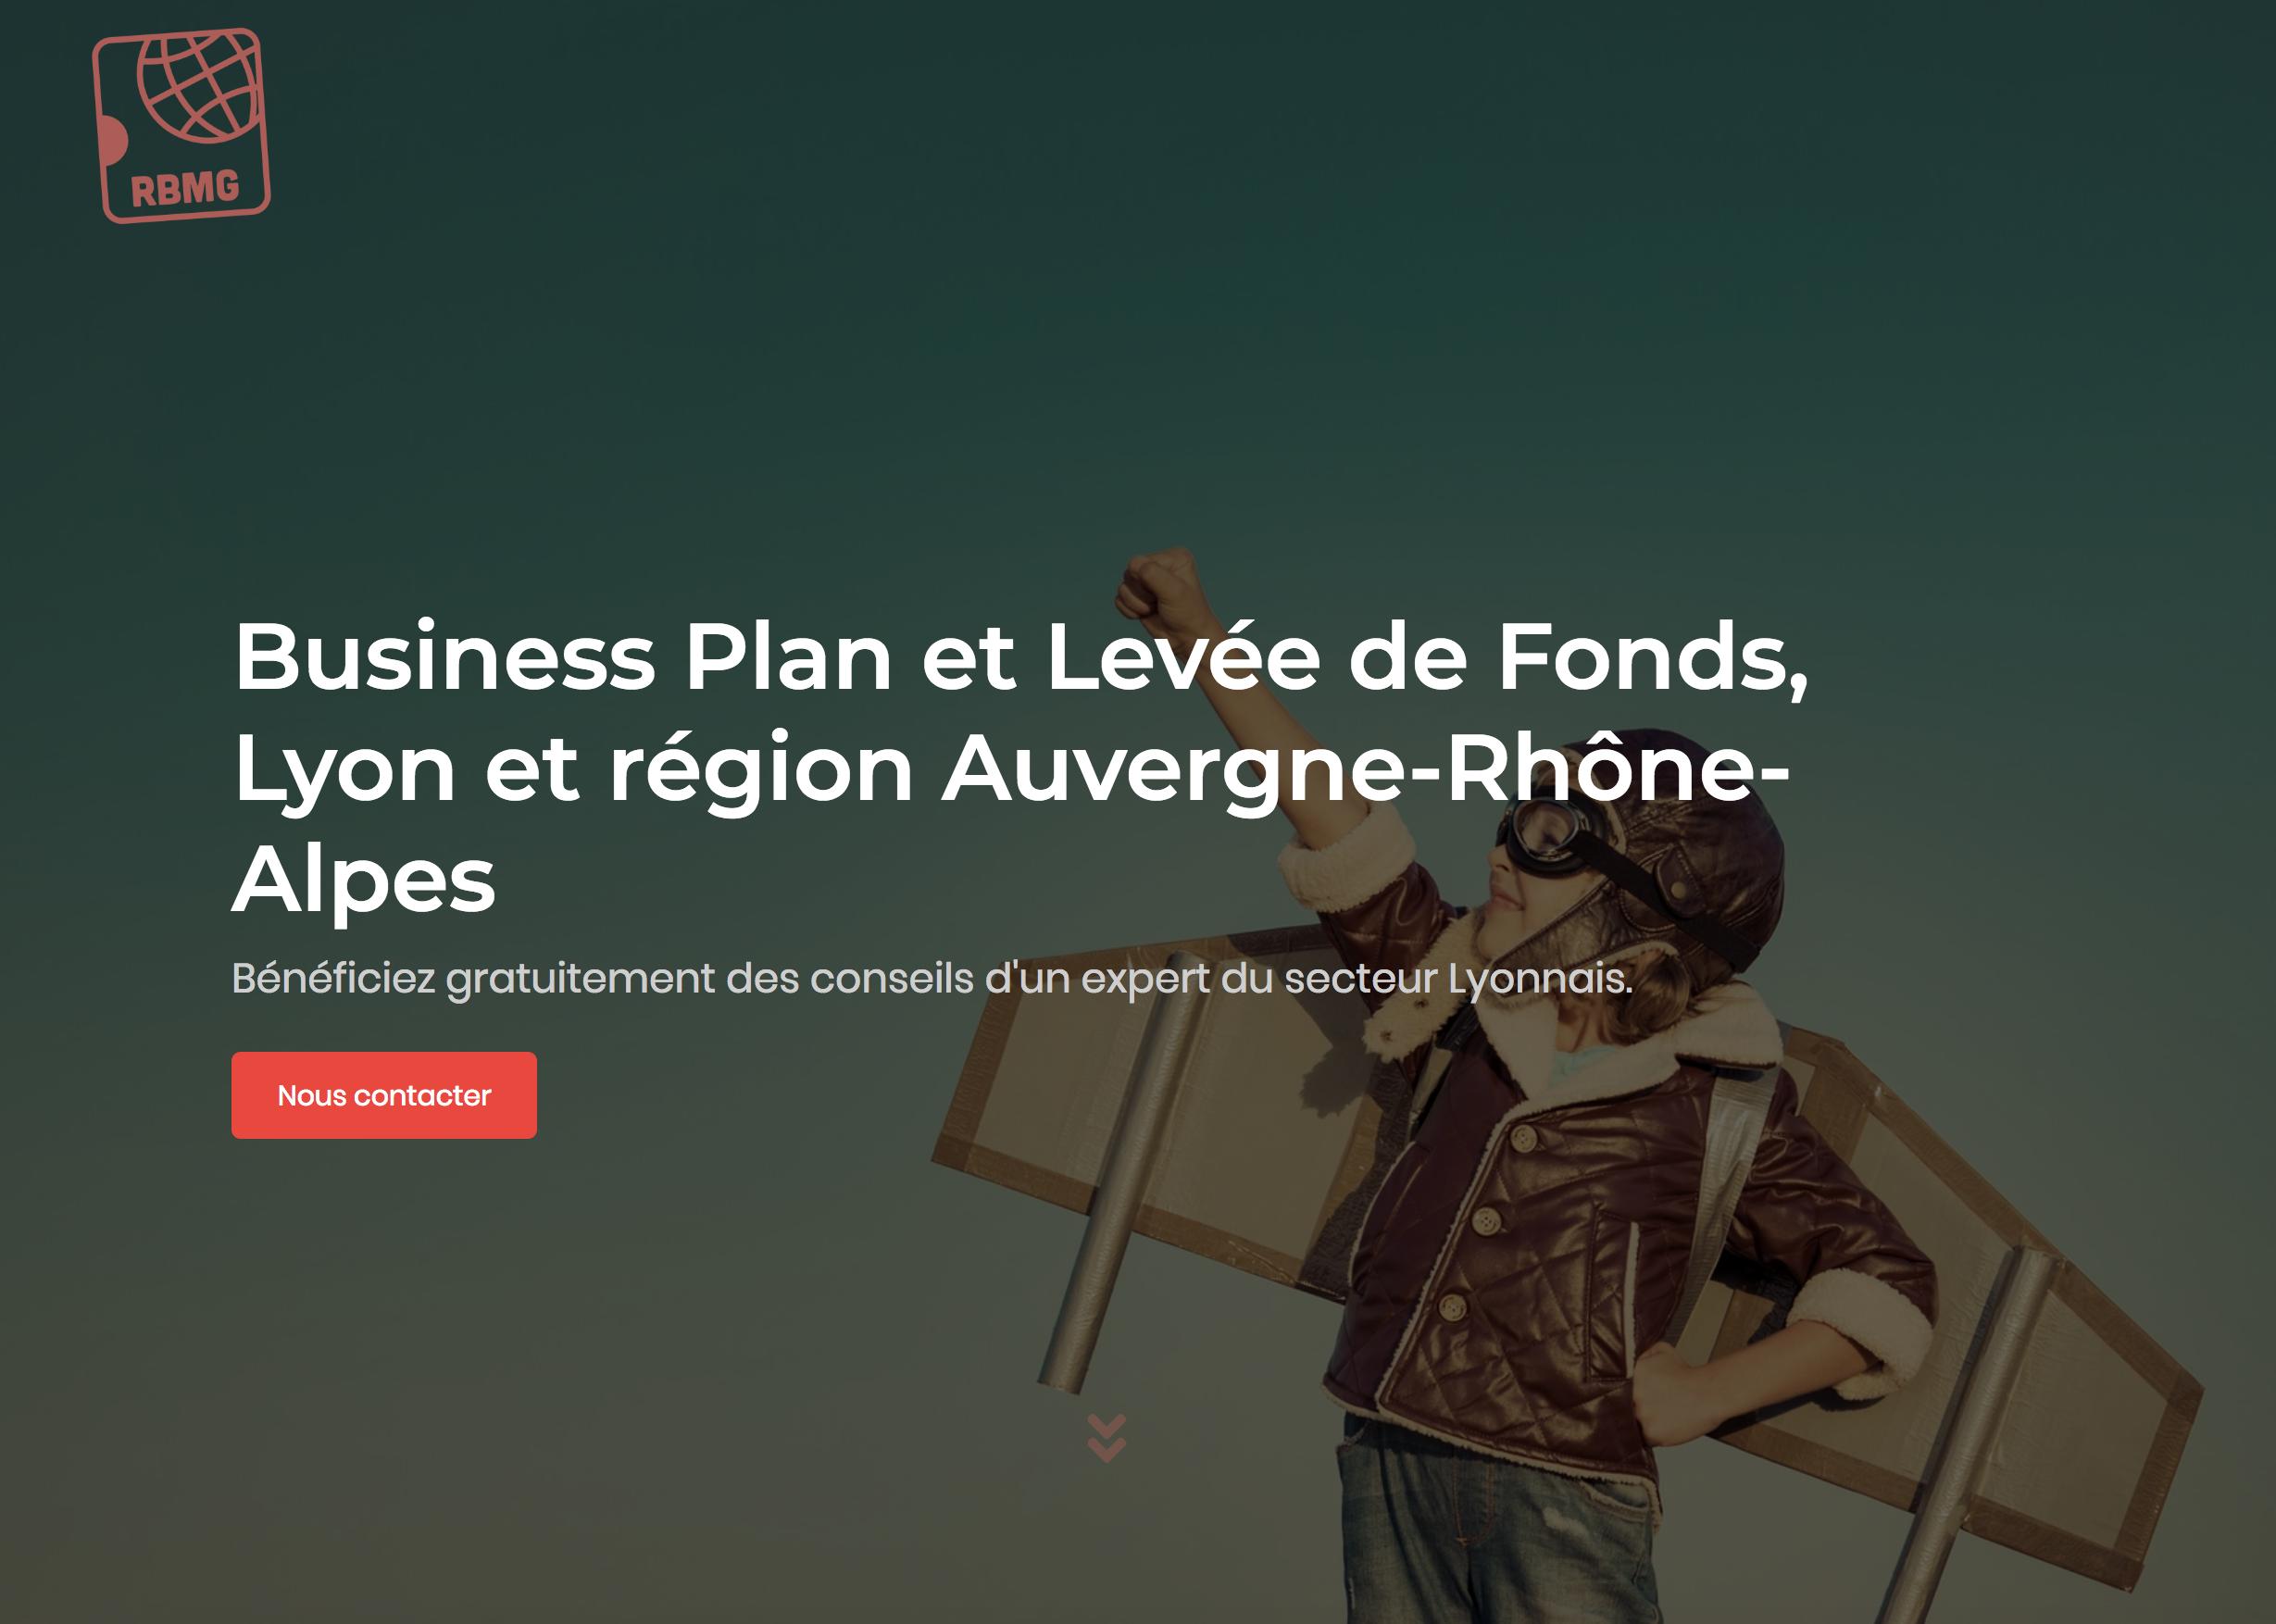 (c) Business-plan-lyon.fr